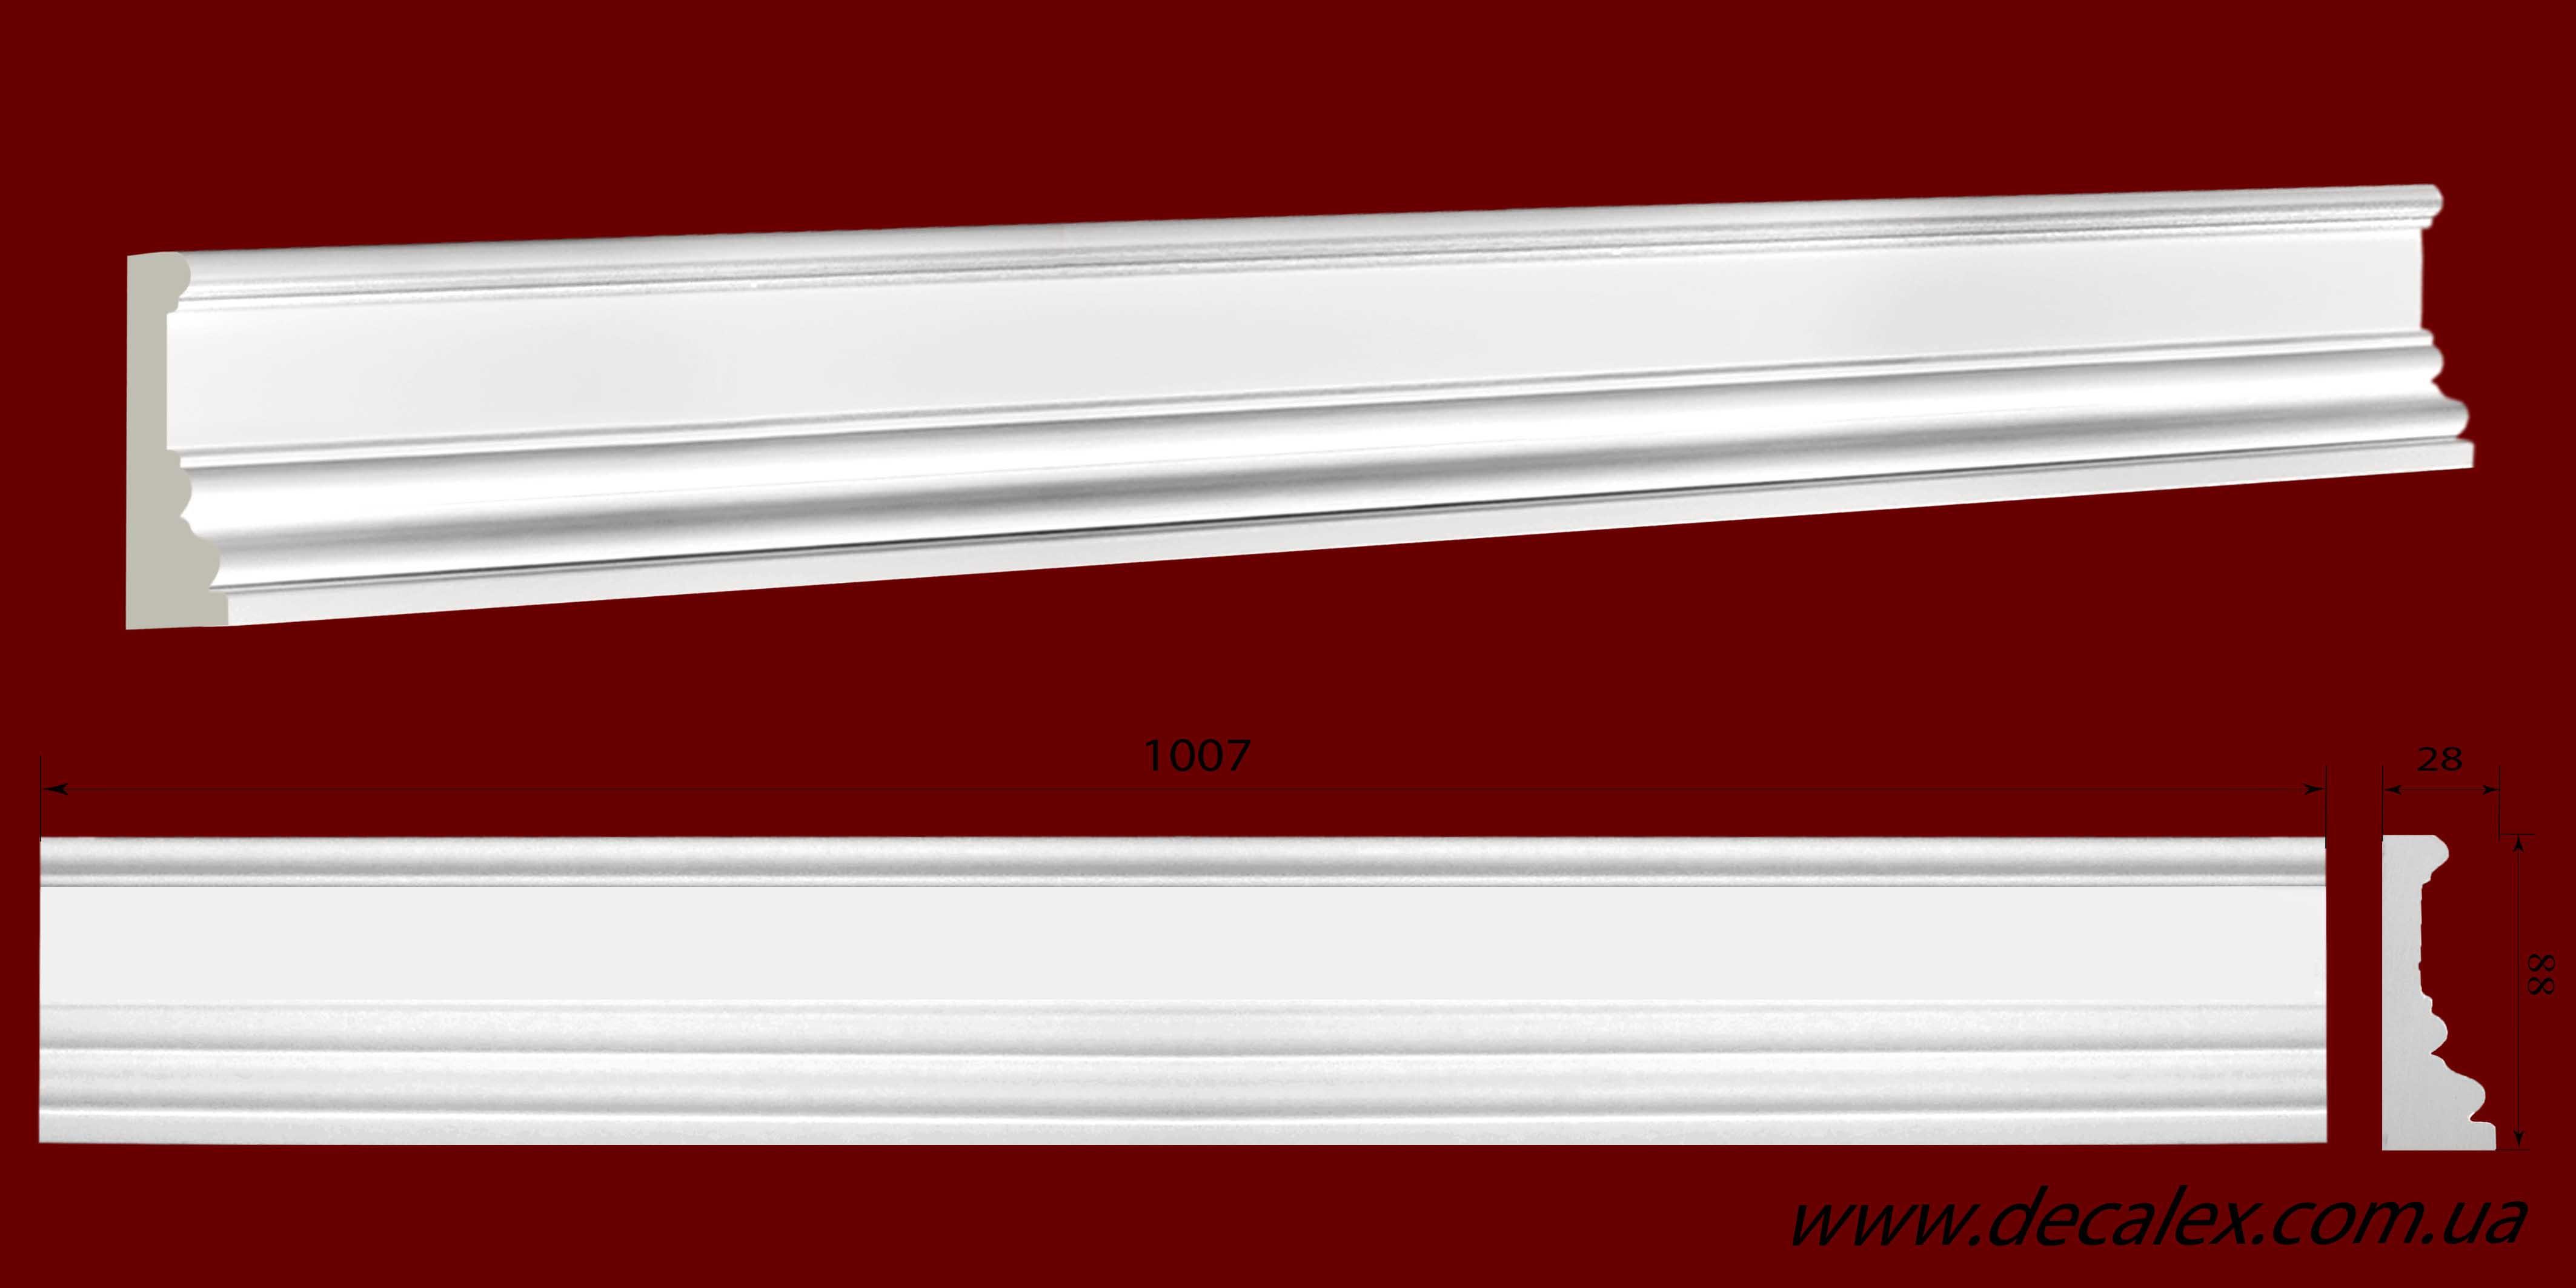 Код товара МЛ08801. Молдинг из гипса шириной 88 мм и длиной 1007 мм. Розничная цена 120 грн./шт.